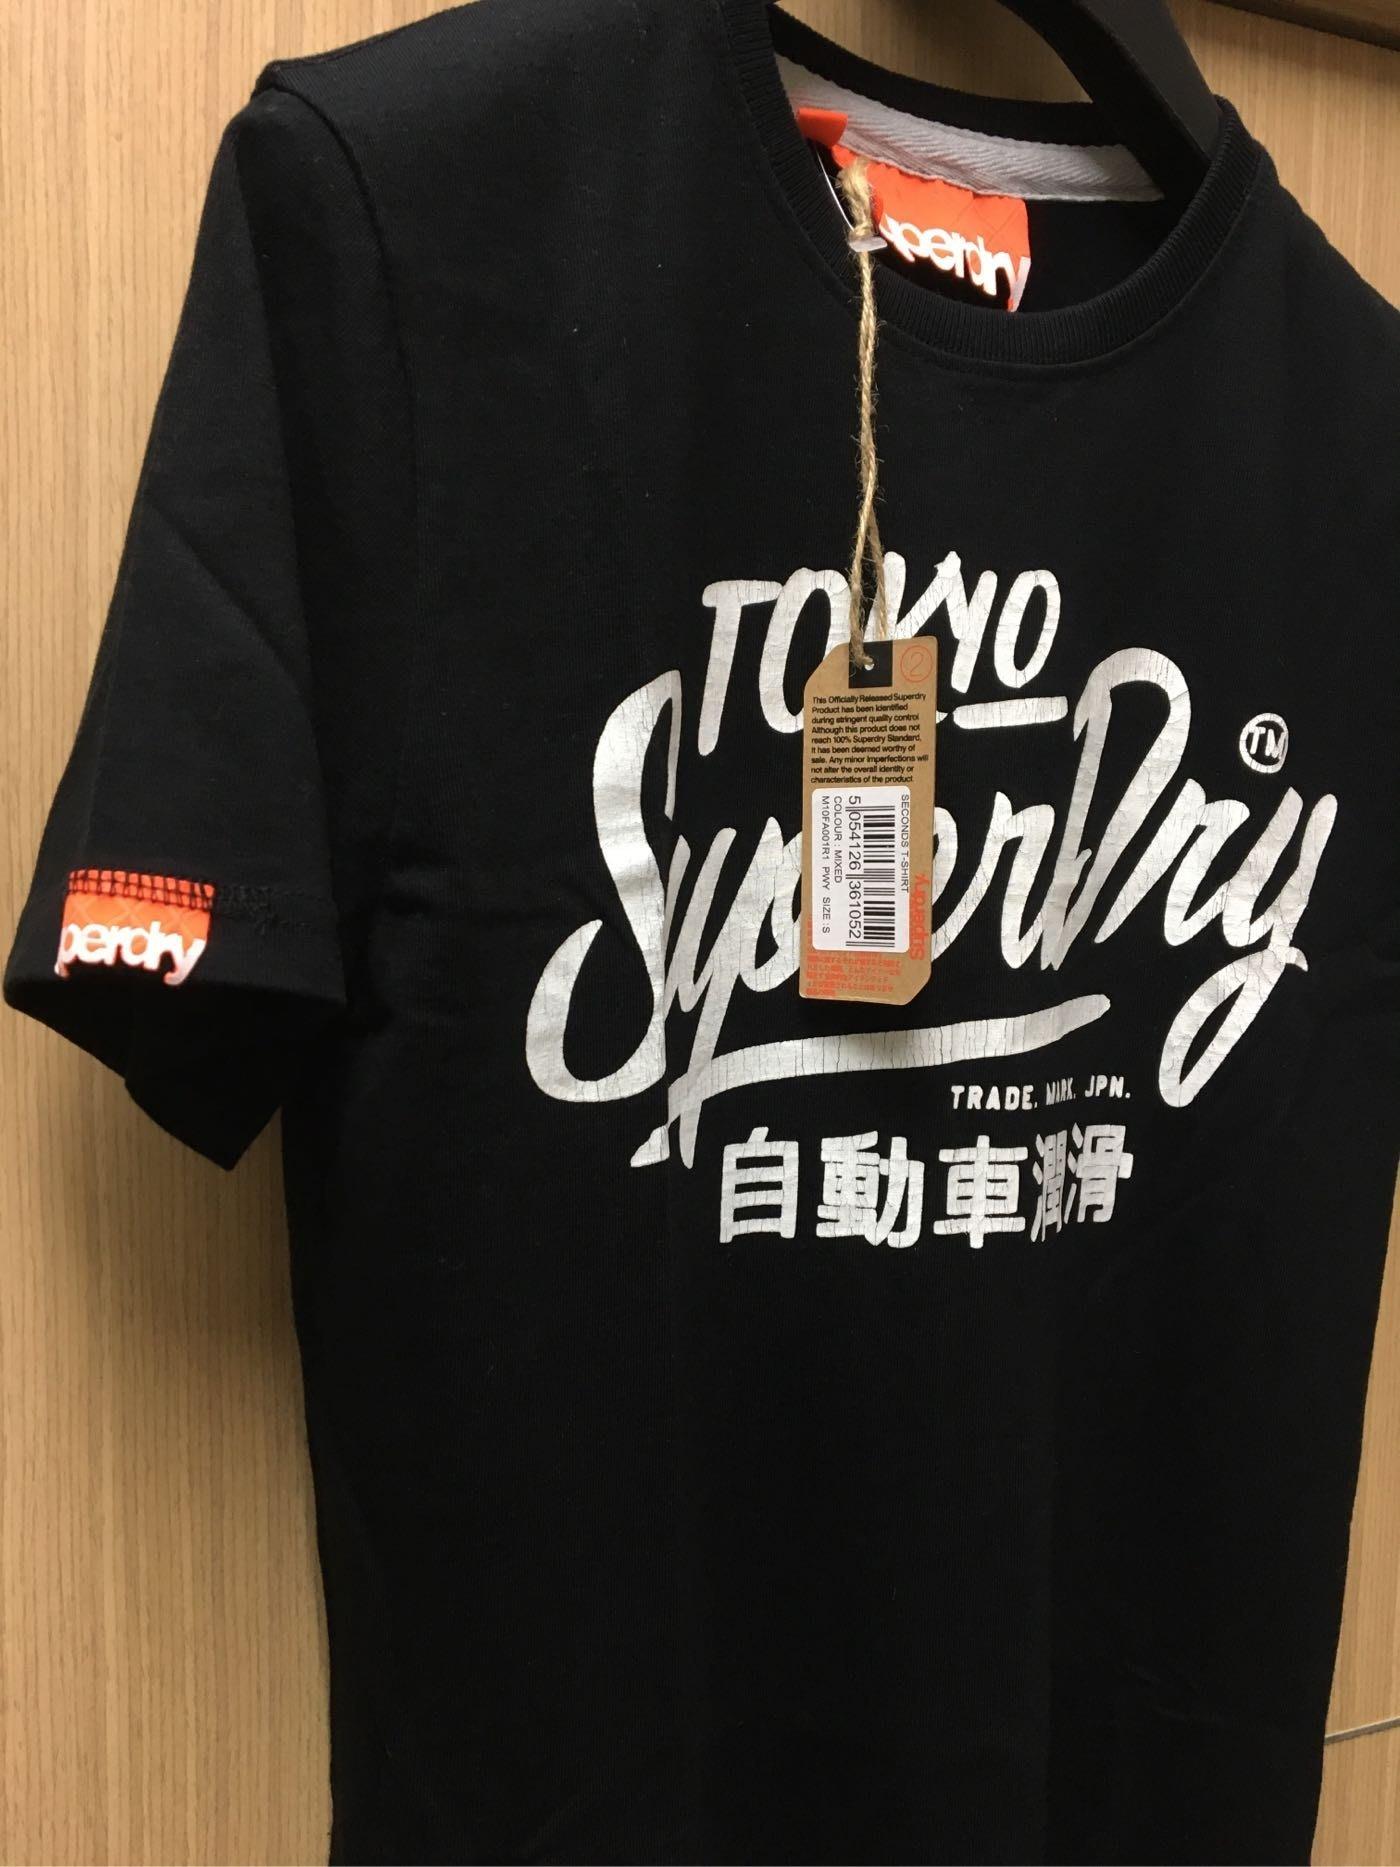 英國官方直送 Superdry Tokyo 自動車潤滑 logo短袖